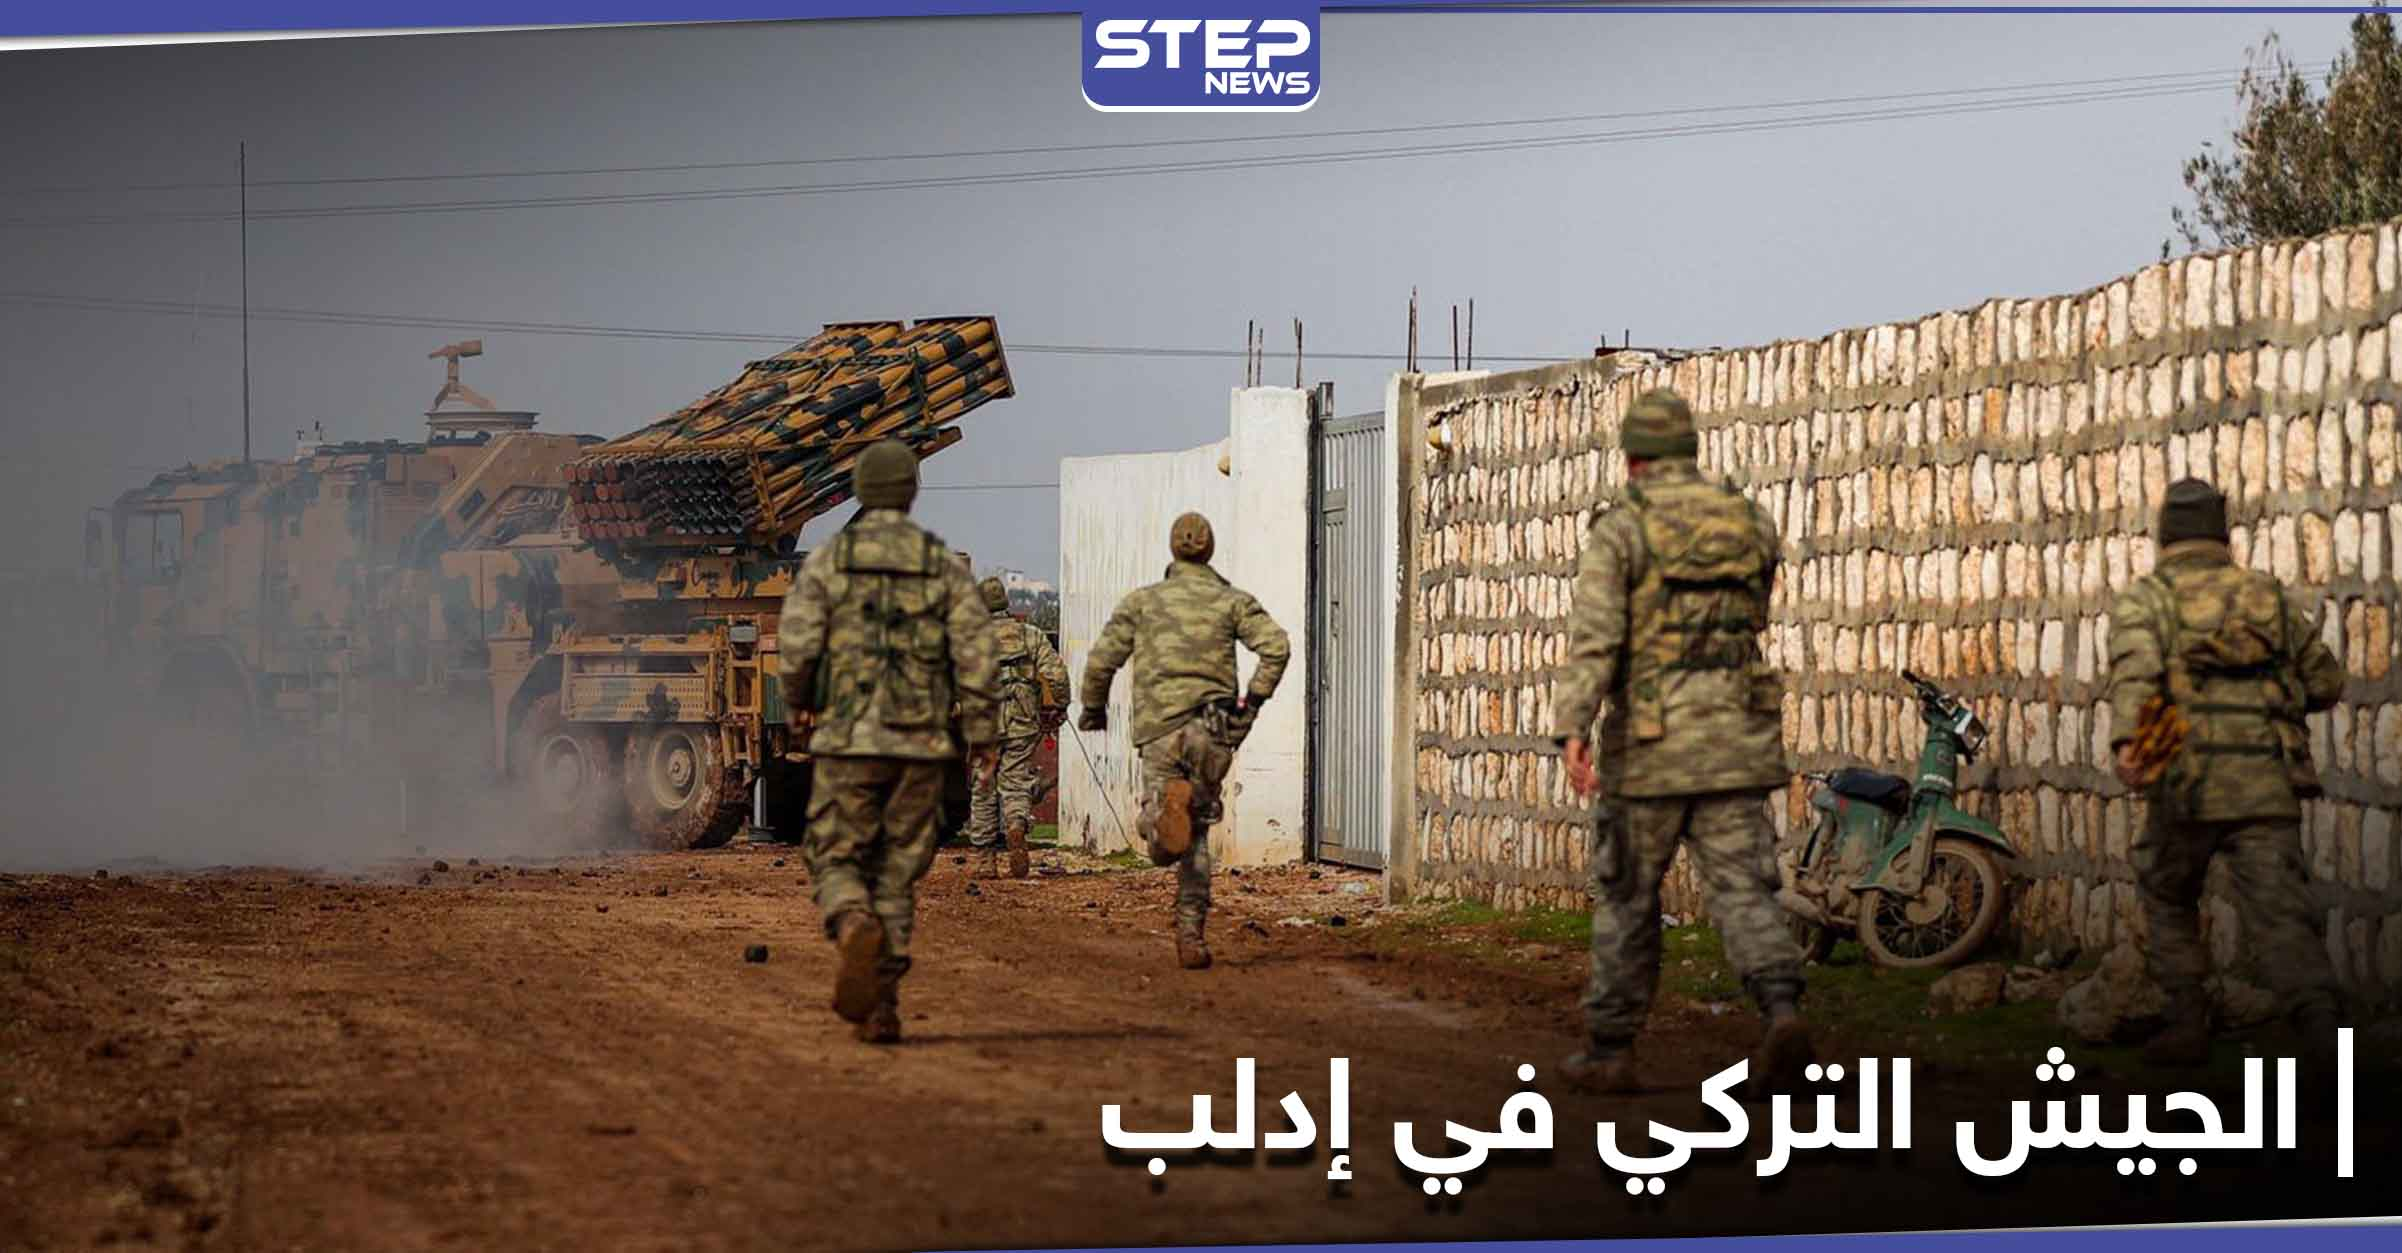 خاص|| النظام السوري يفقد ضباطه بالقصف المدفعي المُركز.. ما دور الجيش التركي في إدلب!